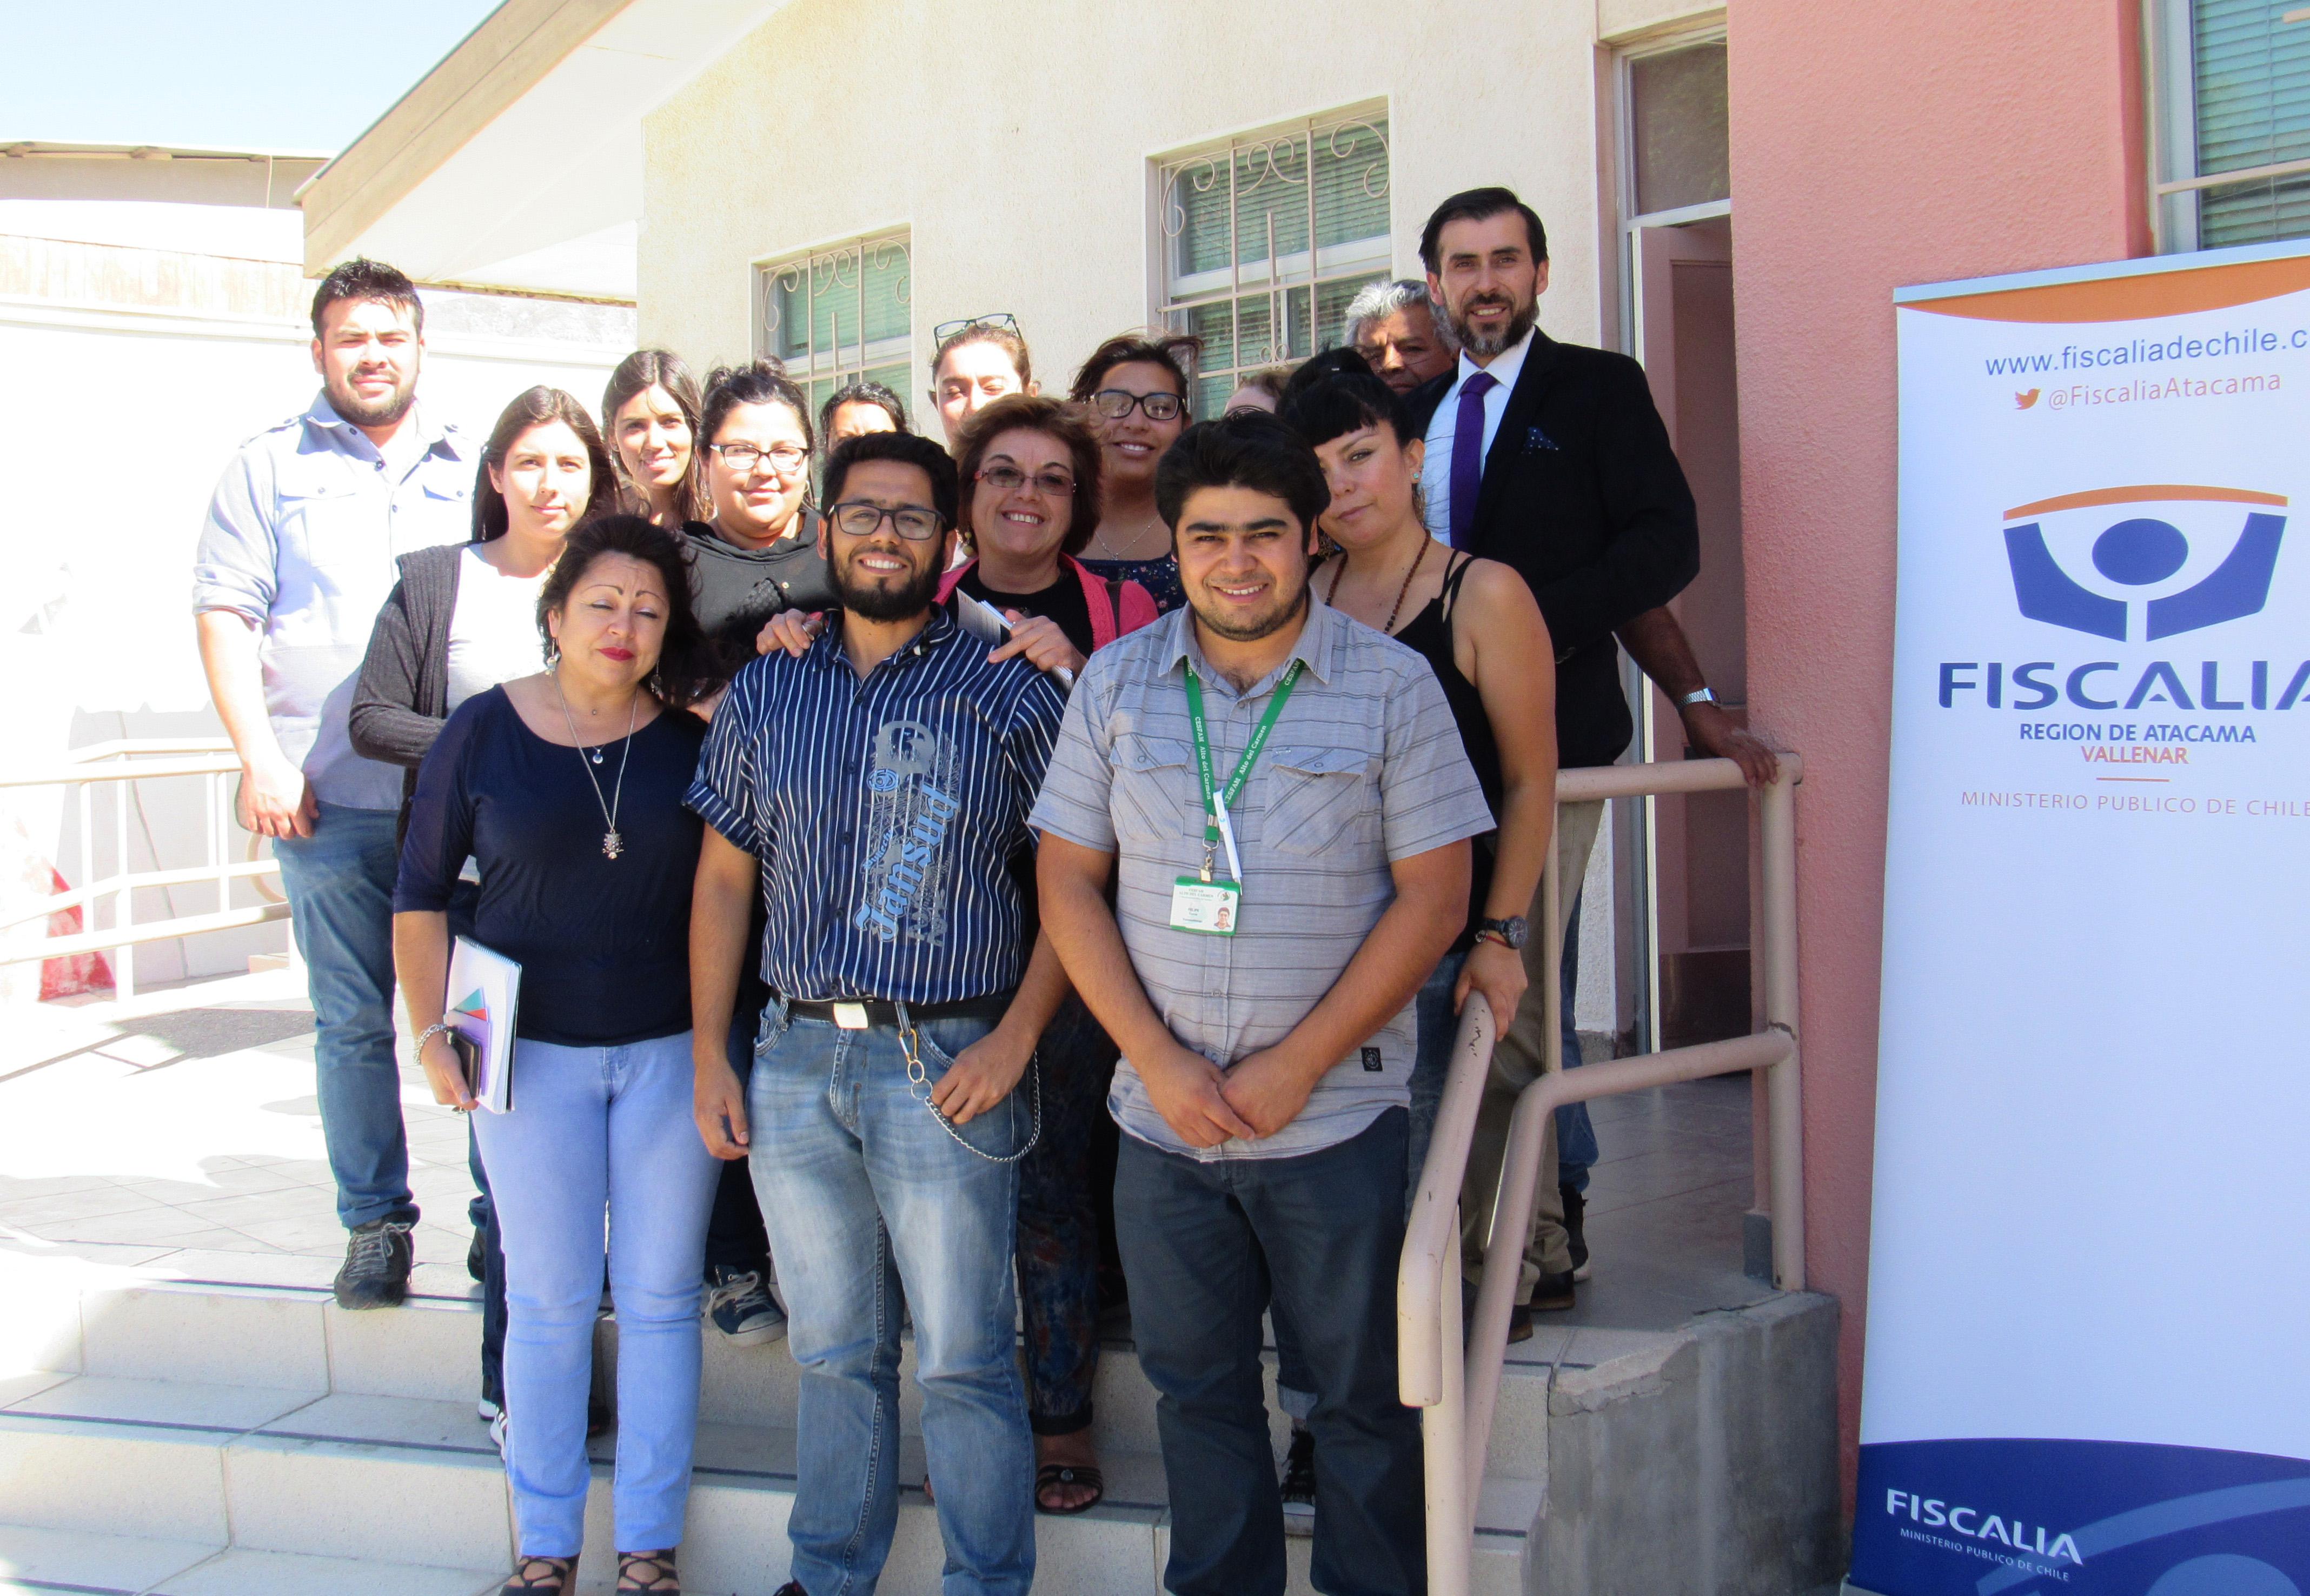 Fiscalía comenzó actividades de interacción con la comunidad en la provincia del Huasco